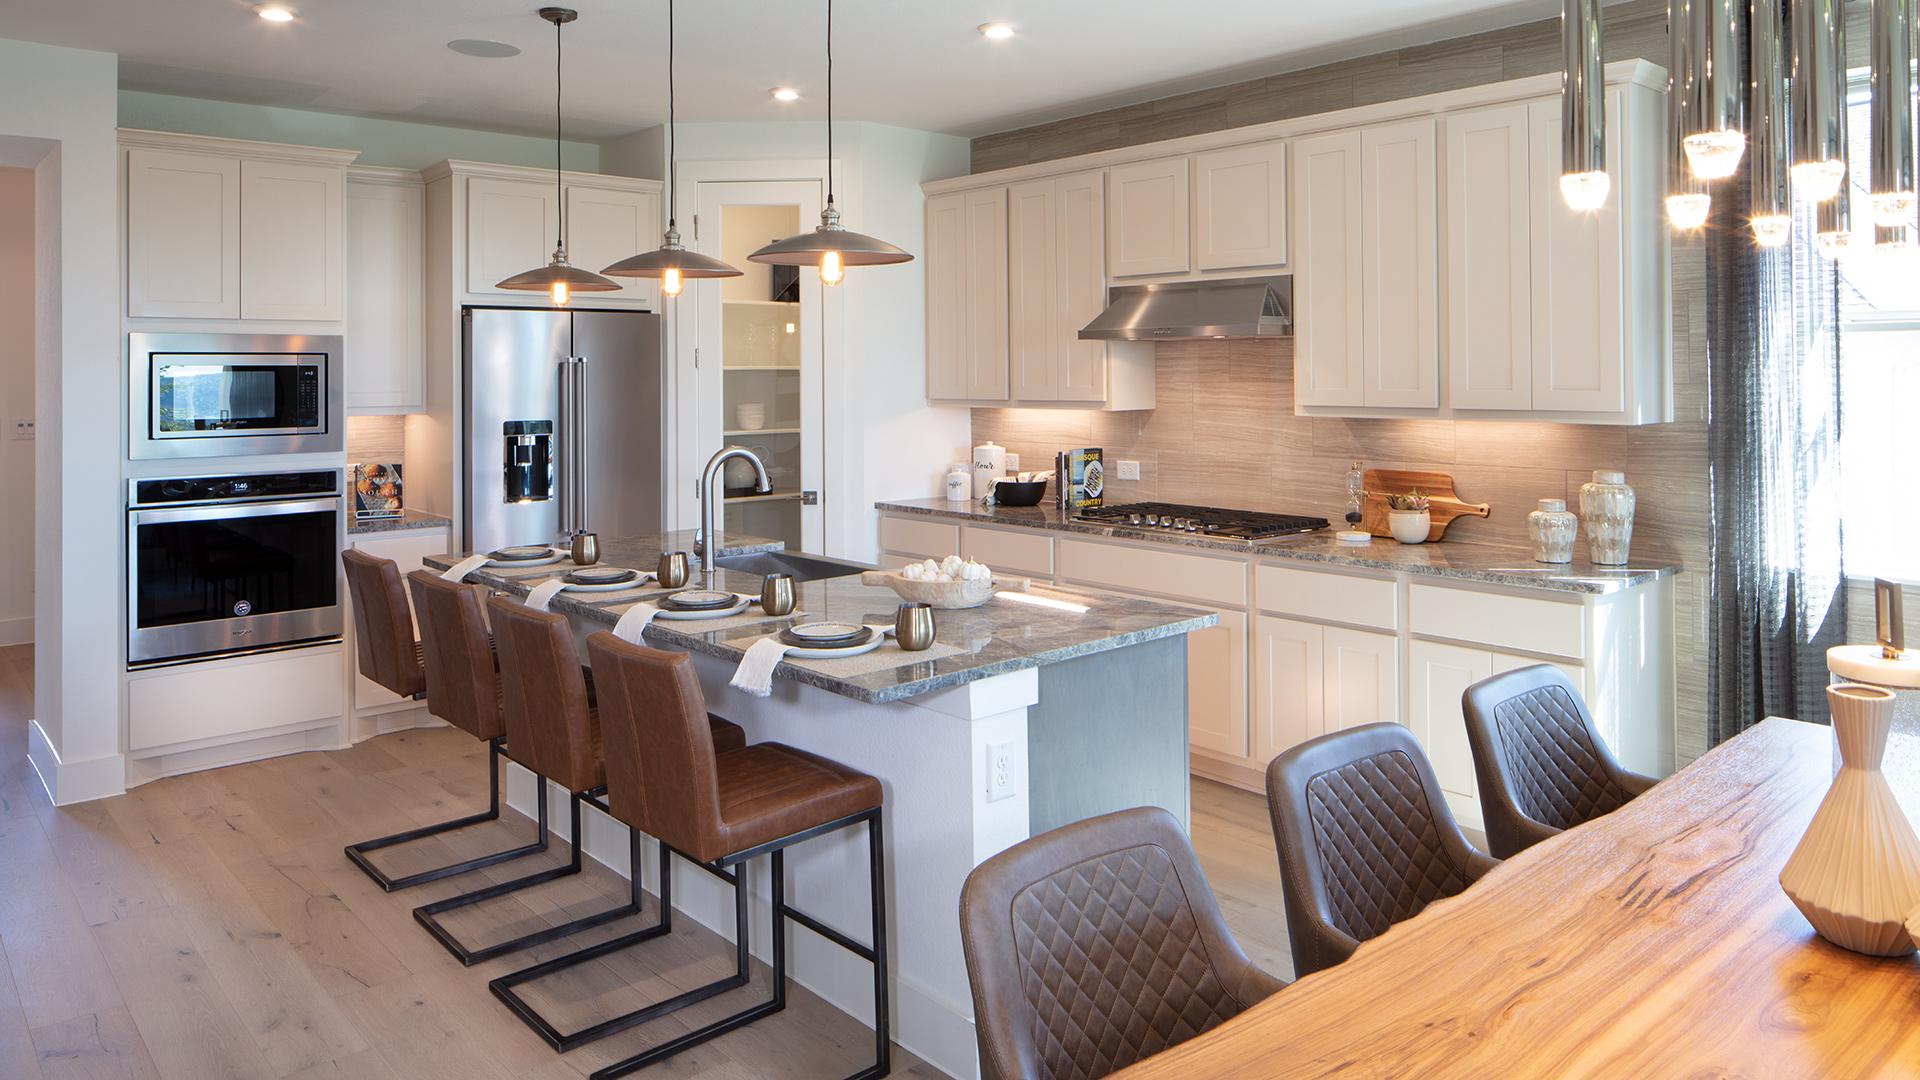 Alden kitchen with center island